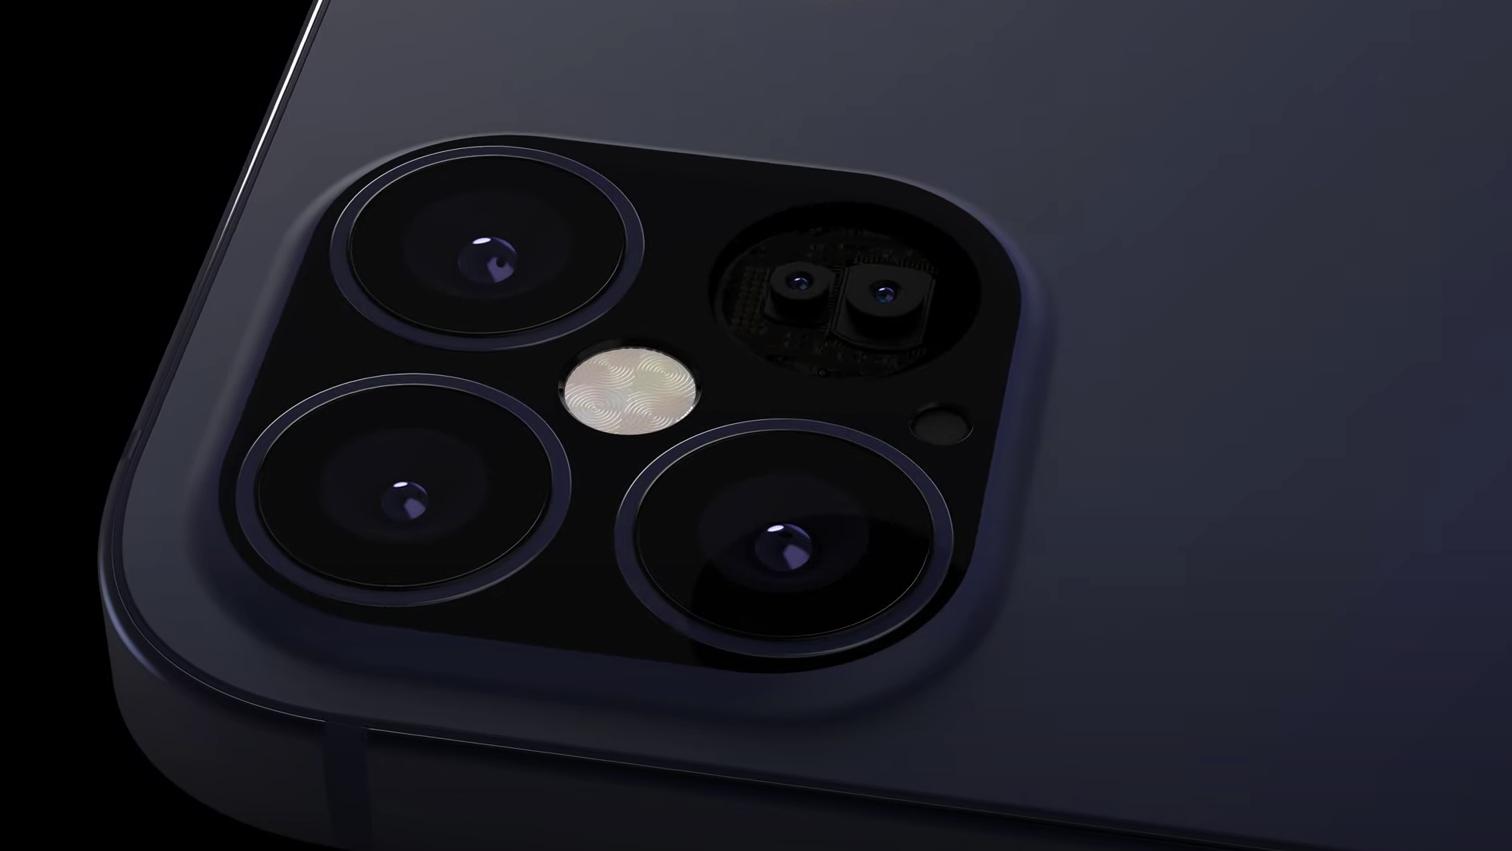 روکیدا - آیا عرضه خانواده آیفون 12 به دلیل مشکلات لنز دوربین باز هم به تاخیر خواهد افتاد؟ - آیفون, آیفون 12, آیفون 12 پرو, آیفون 2020, اپل, دوربین